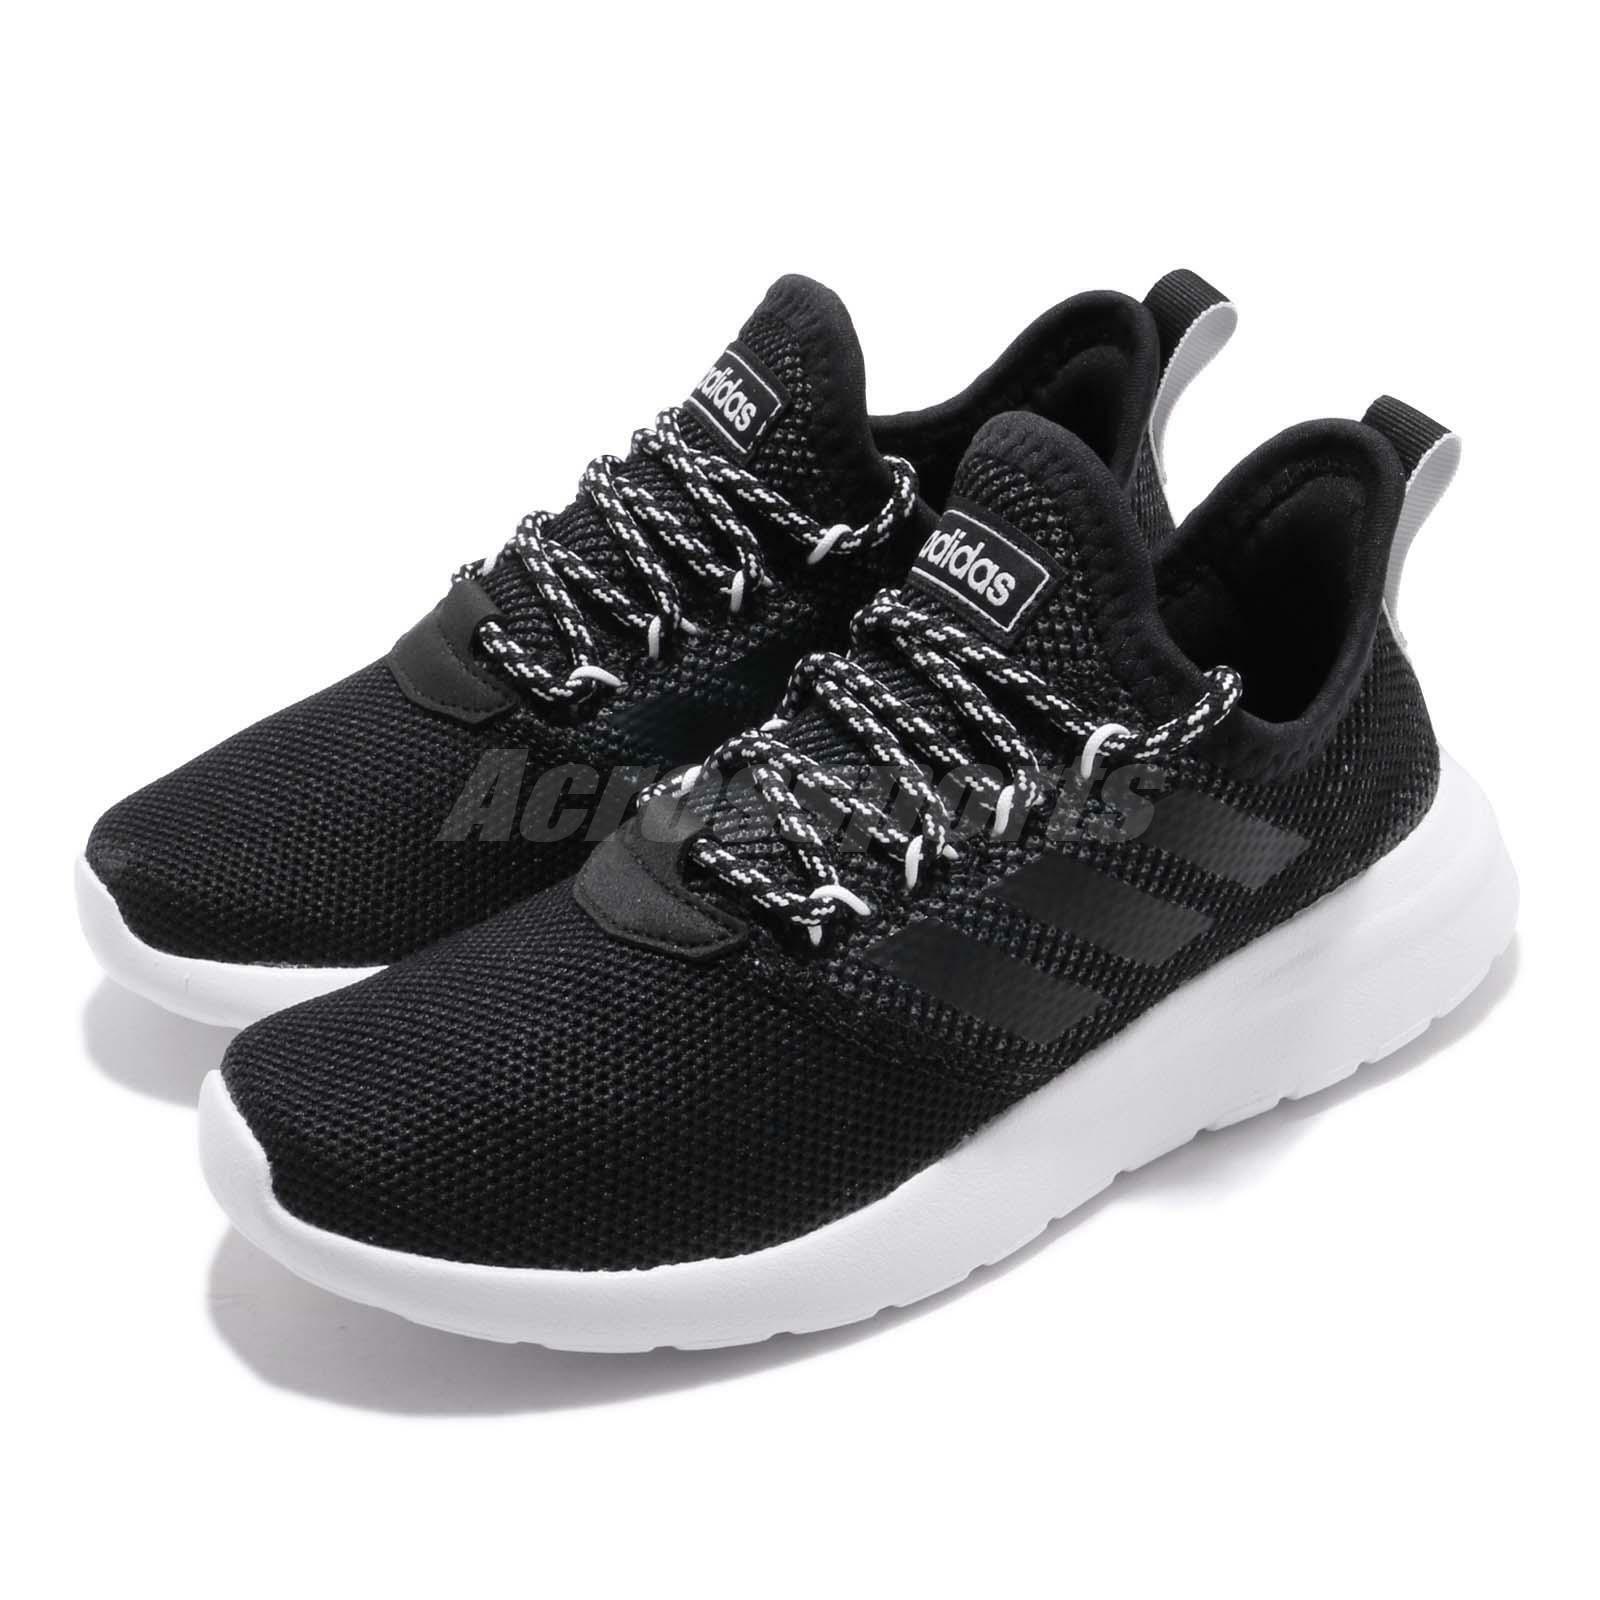 Le nuove scarpe Adidas, biodegradabili Il Post